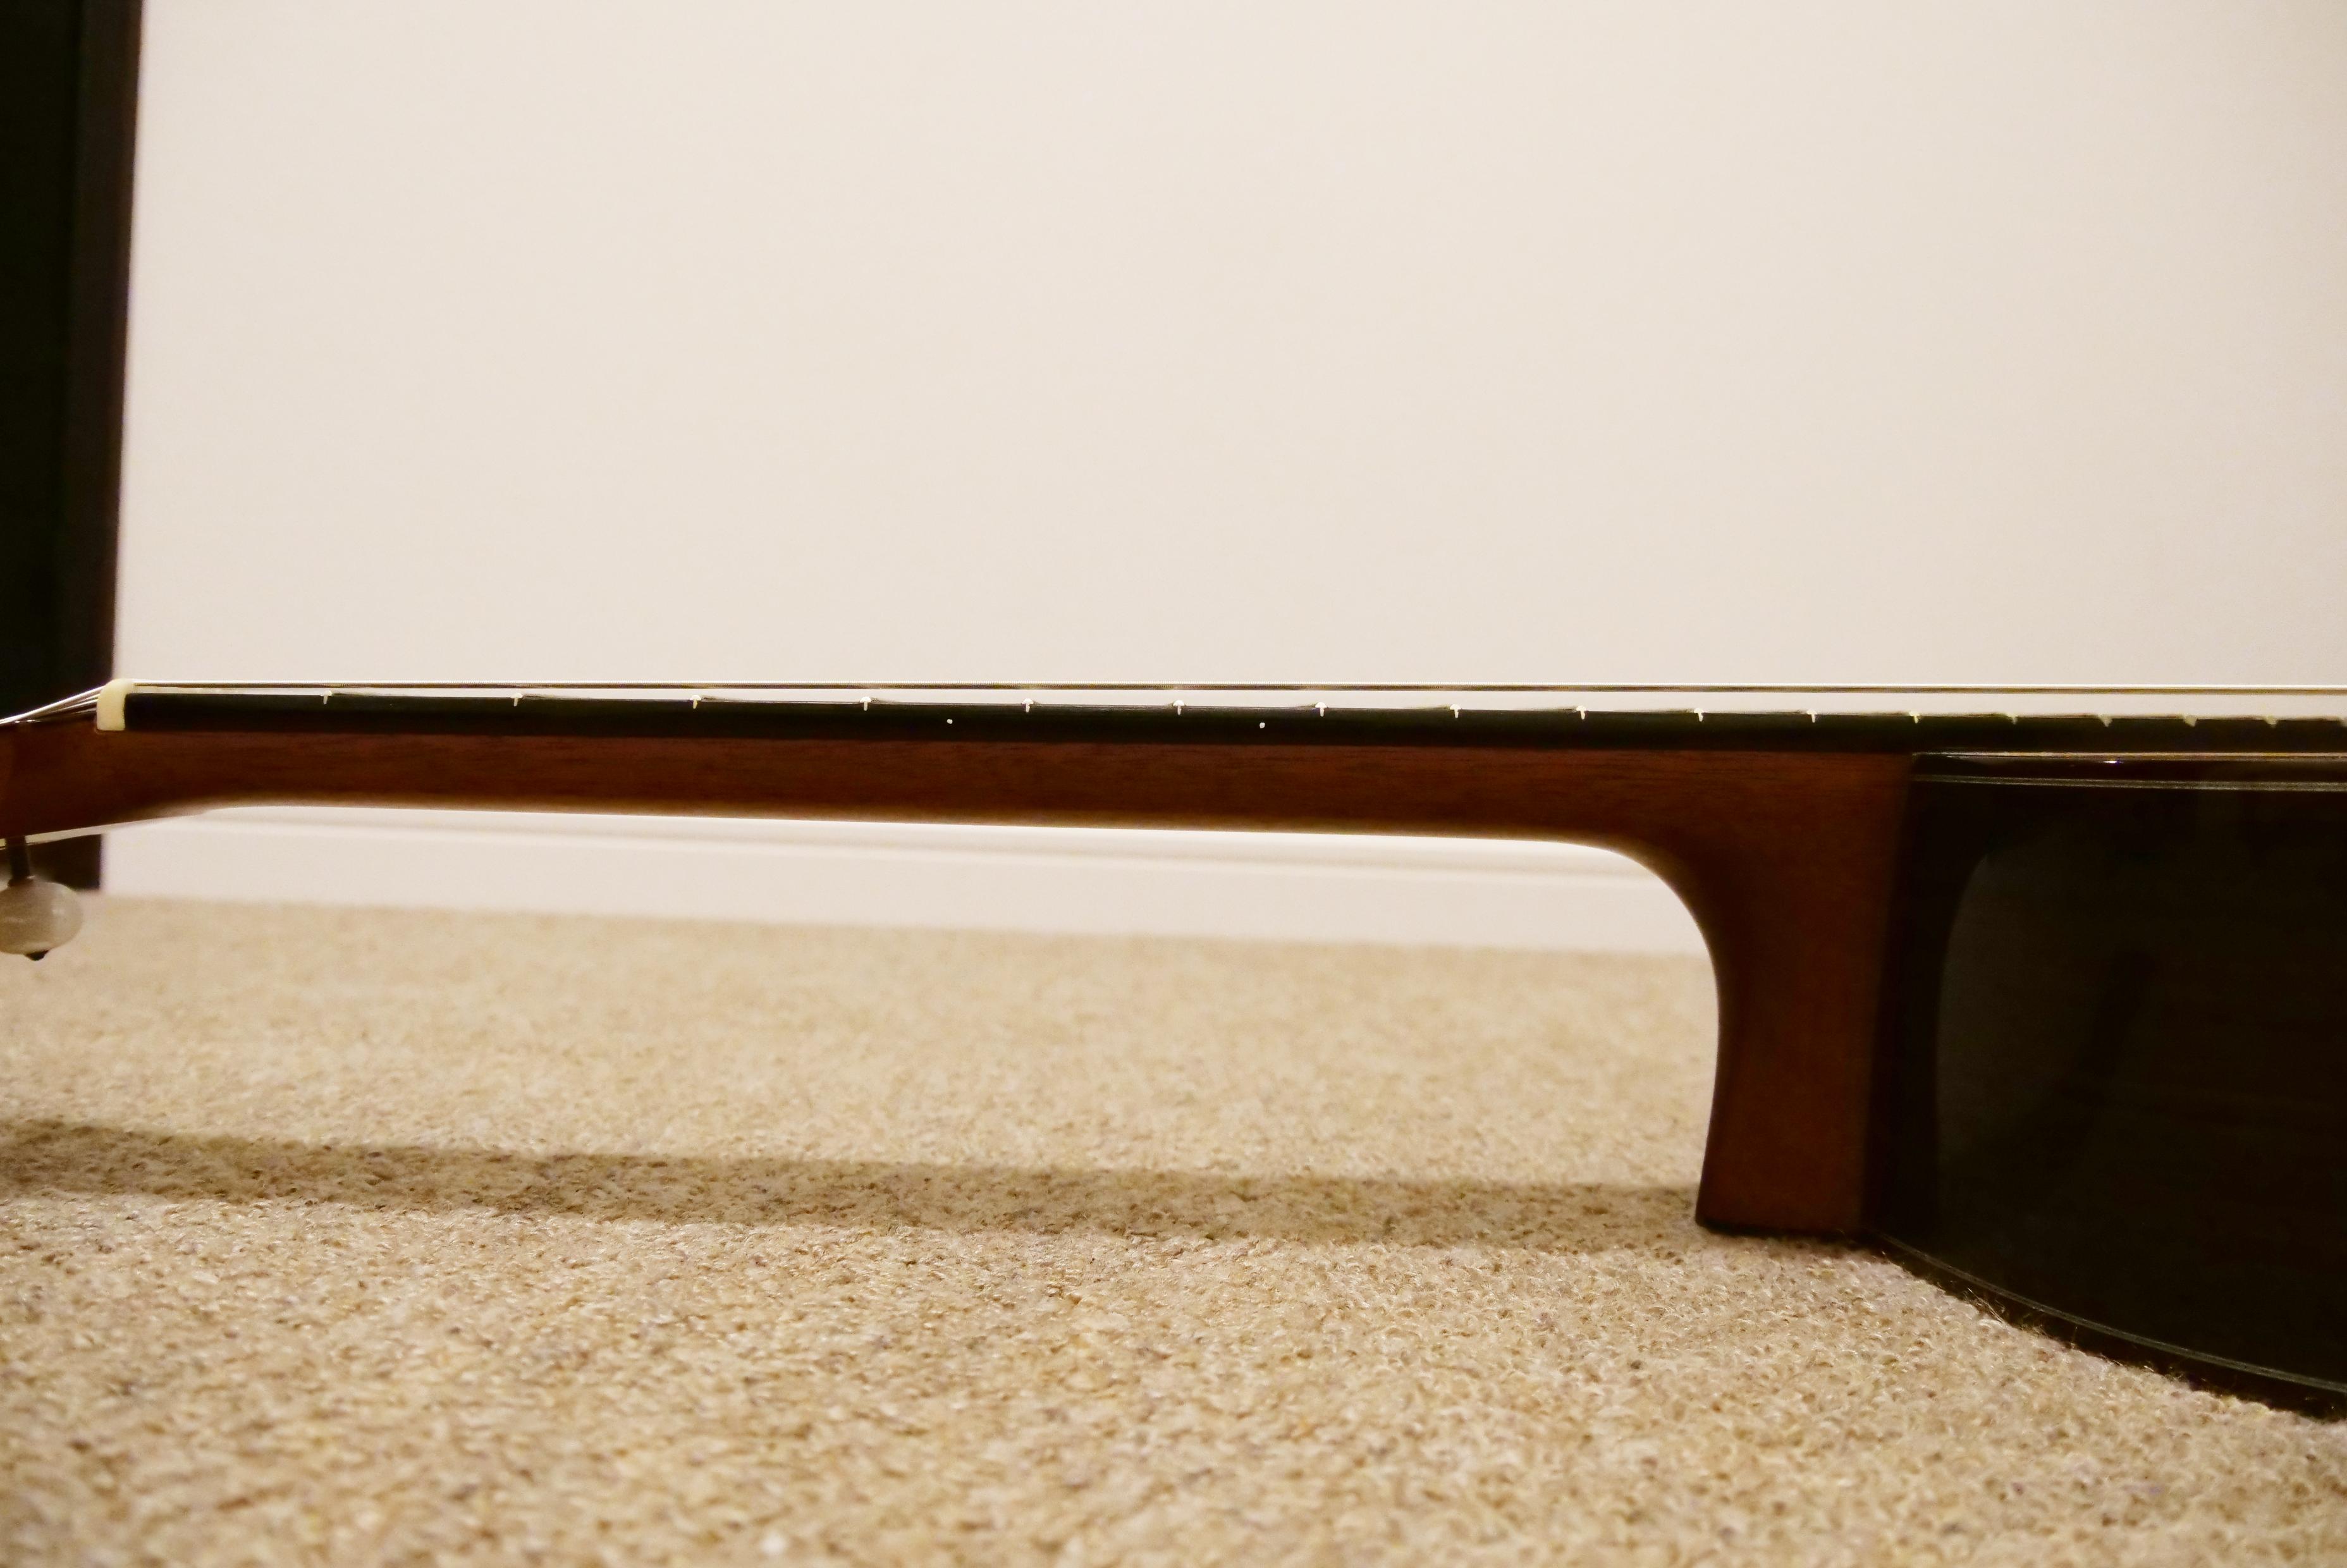 ギターのネックを横から撮影した写真です。